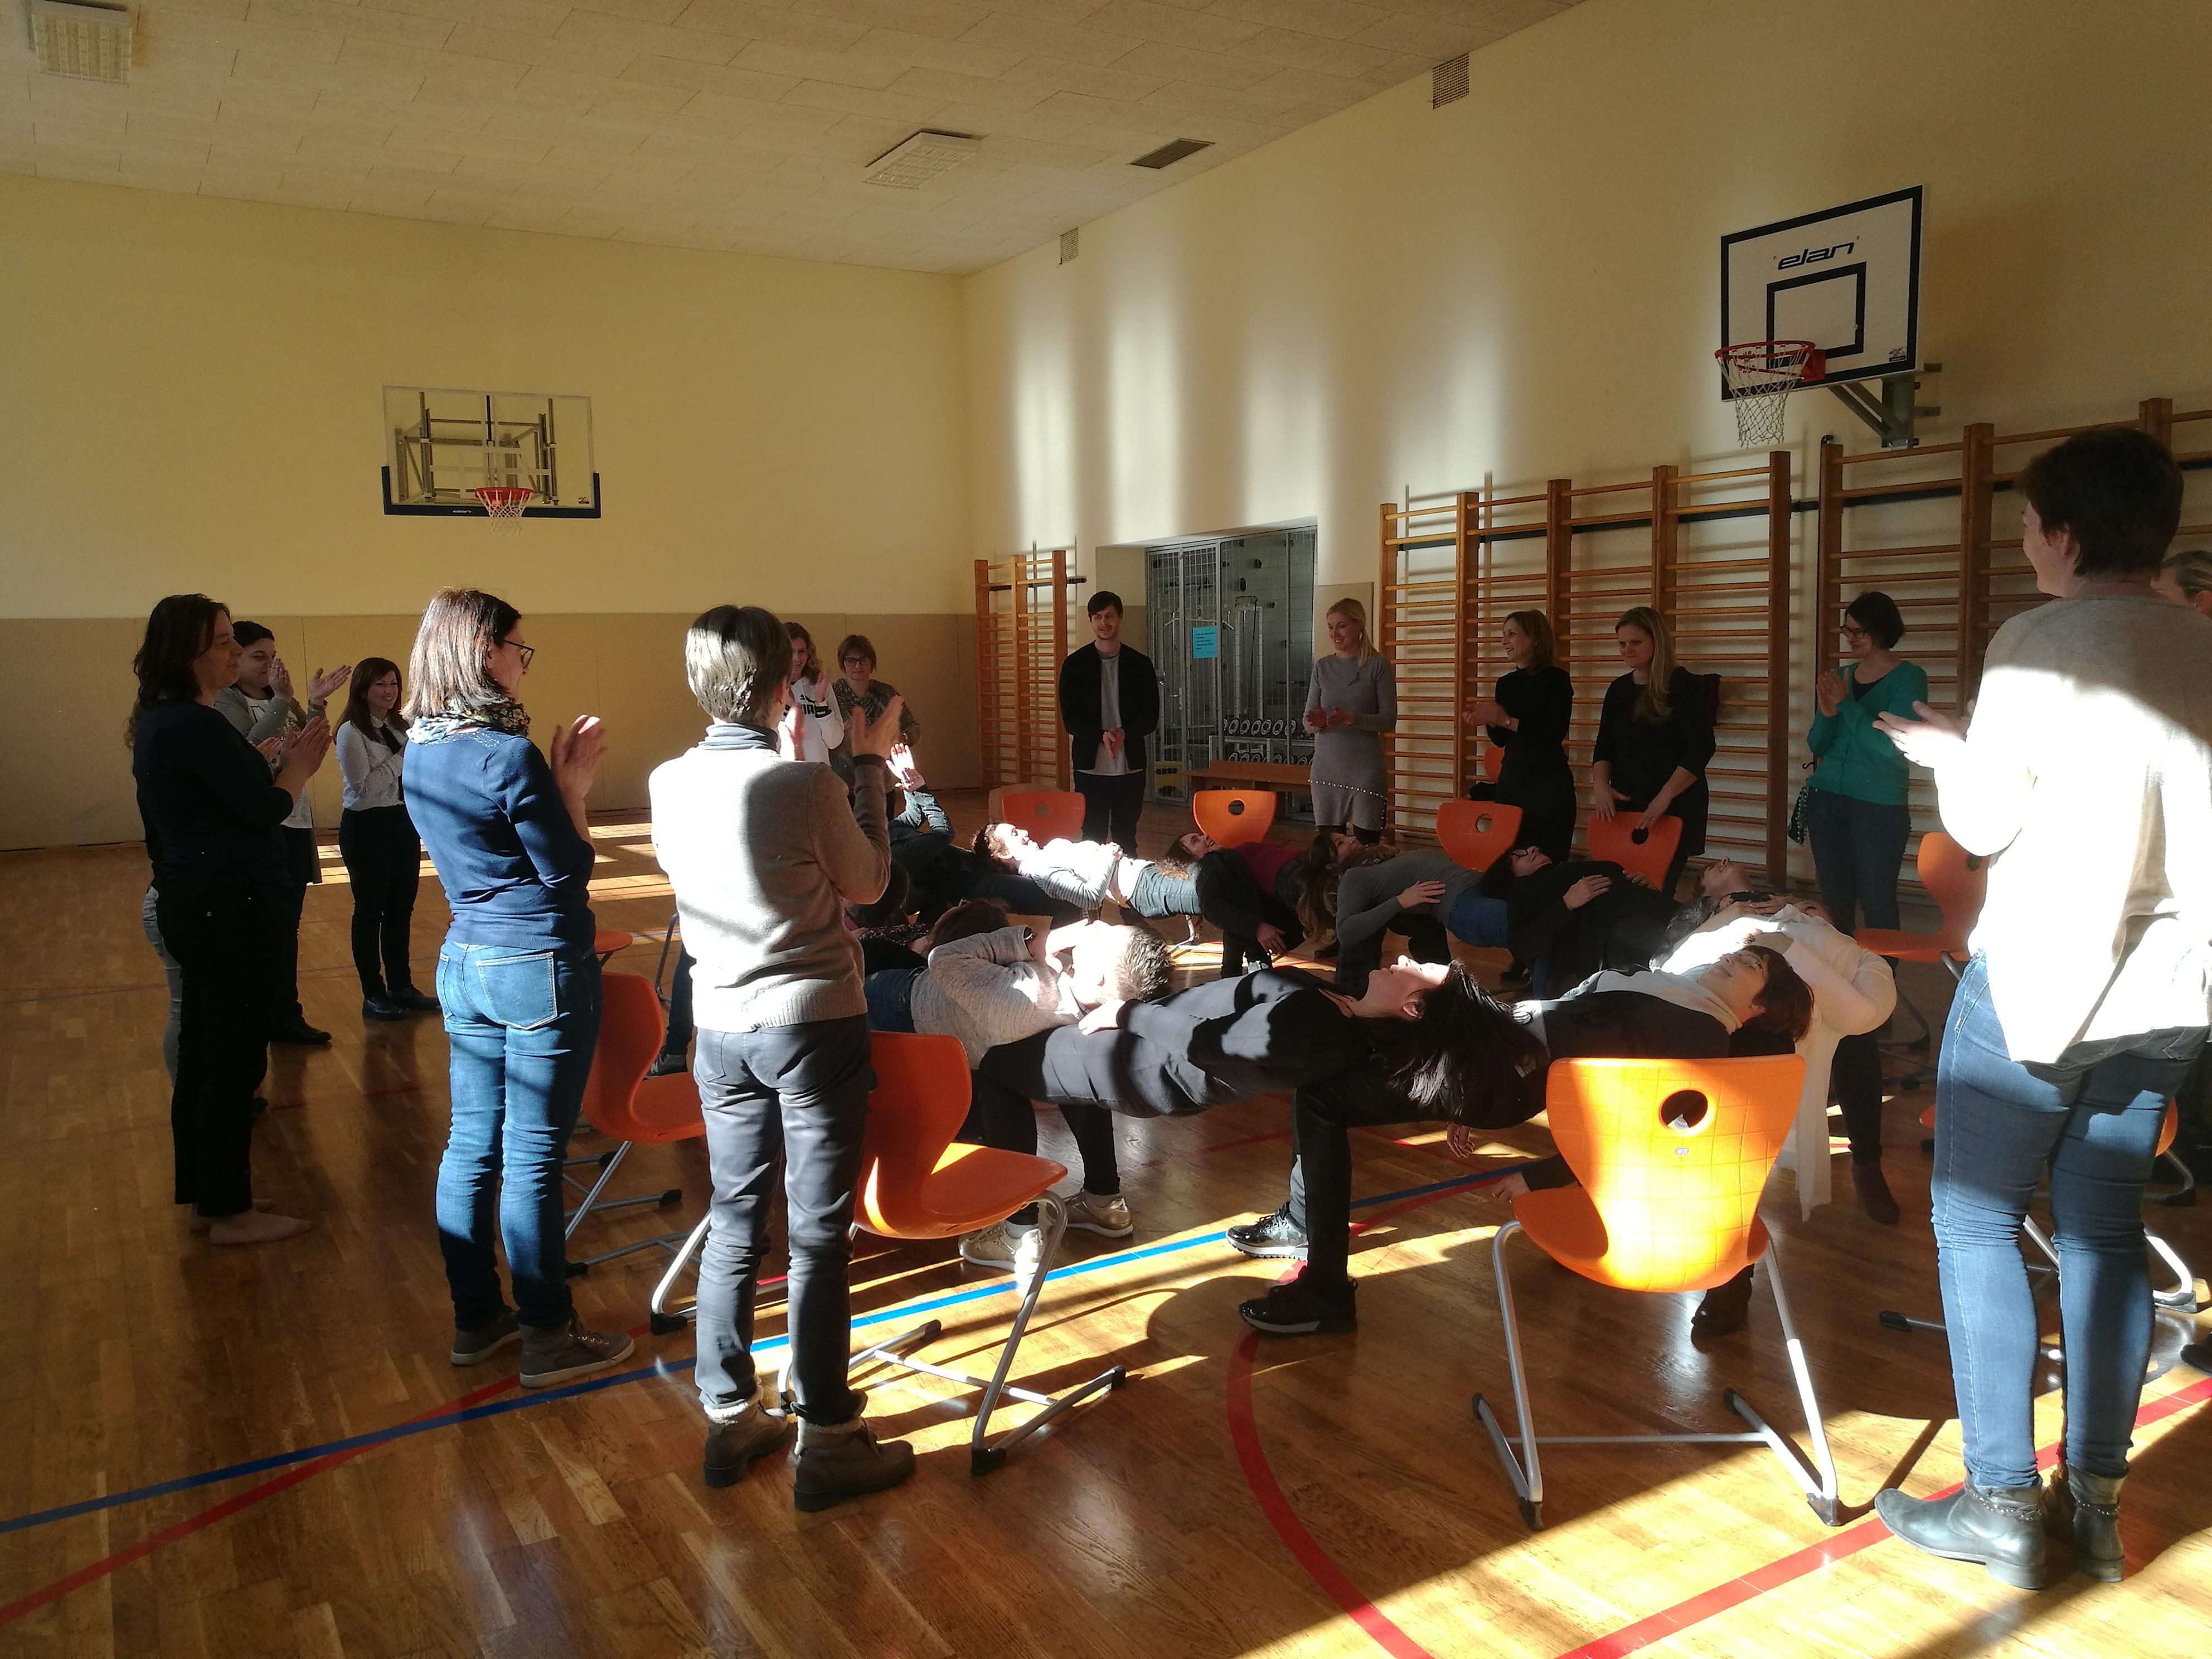 Aktivni odmor z uporabo stolov – vaje pripravila Špela Sešlar iz Gimnazije Celje – Center.